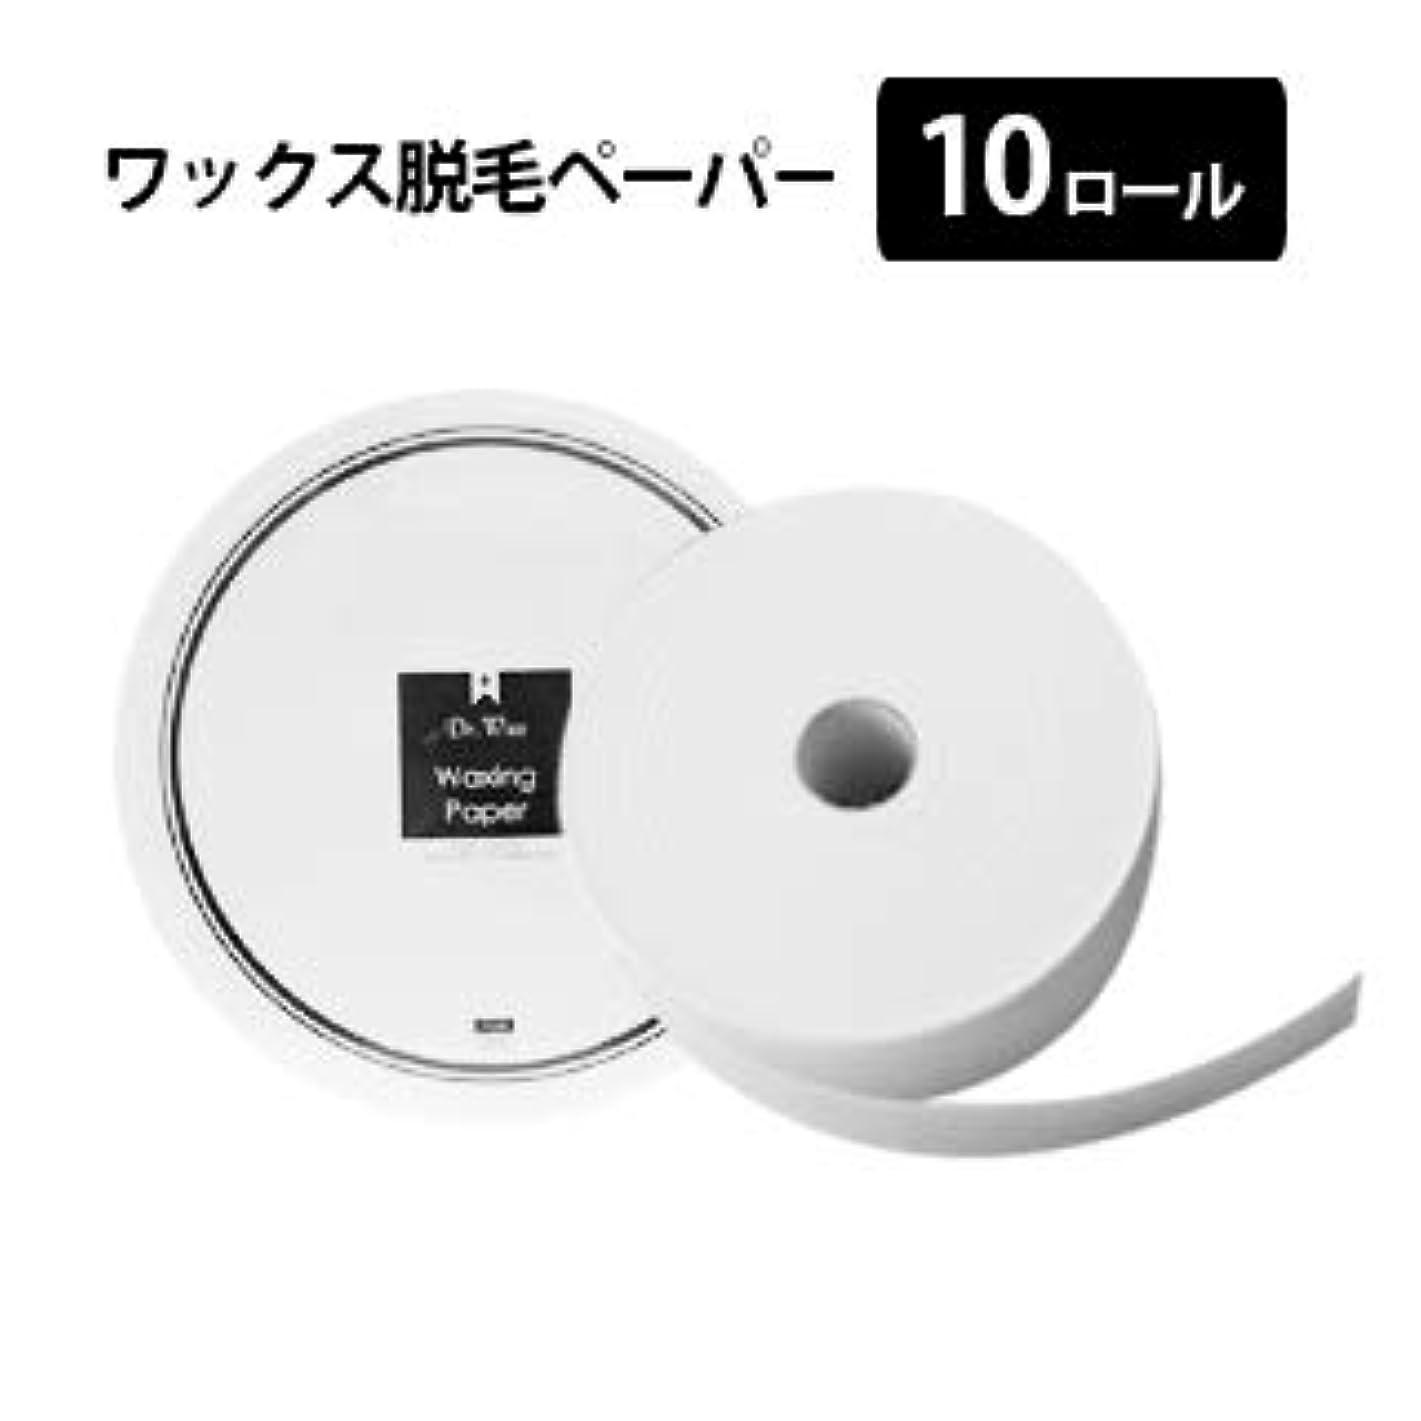 一握り八忘れっぽい【10ロール】ワックスロールペーパー 7cm スパンレース素材